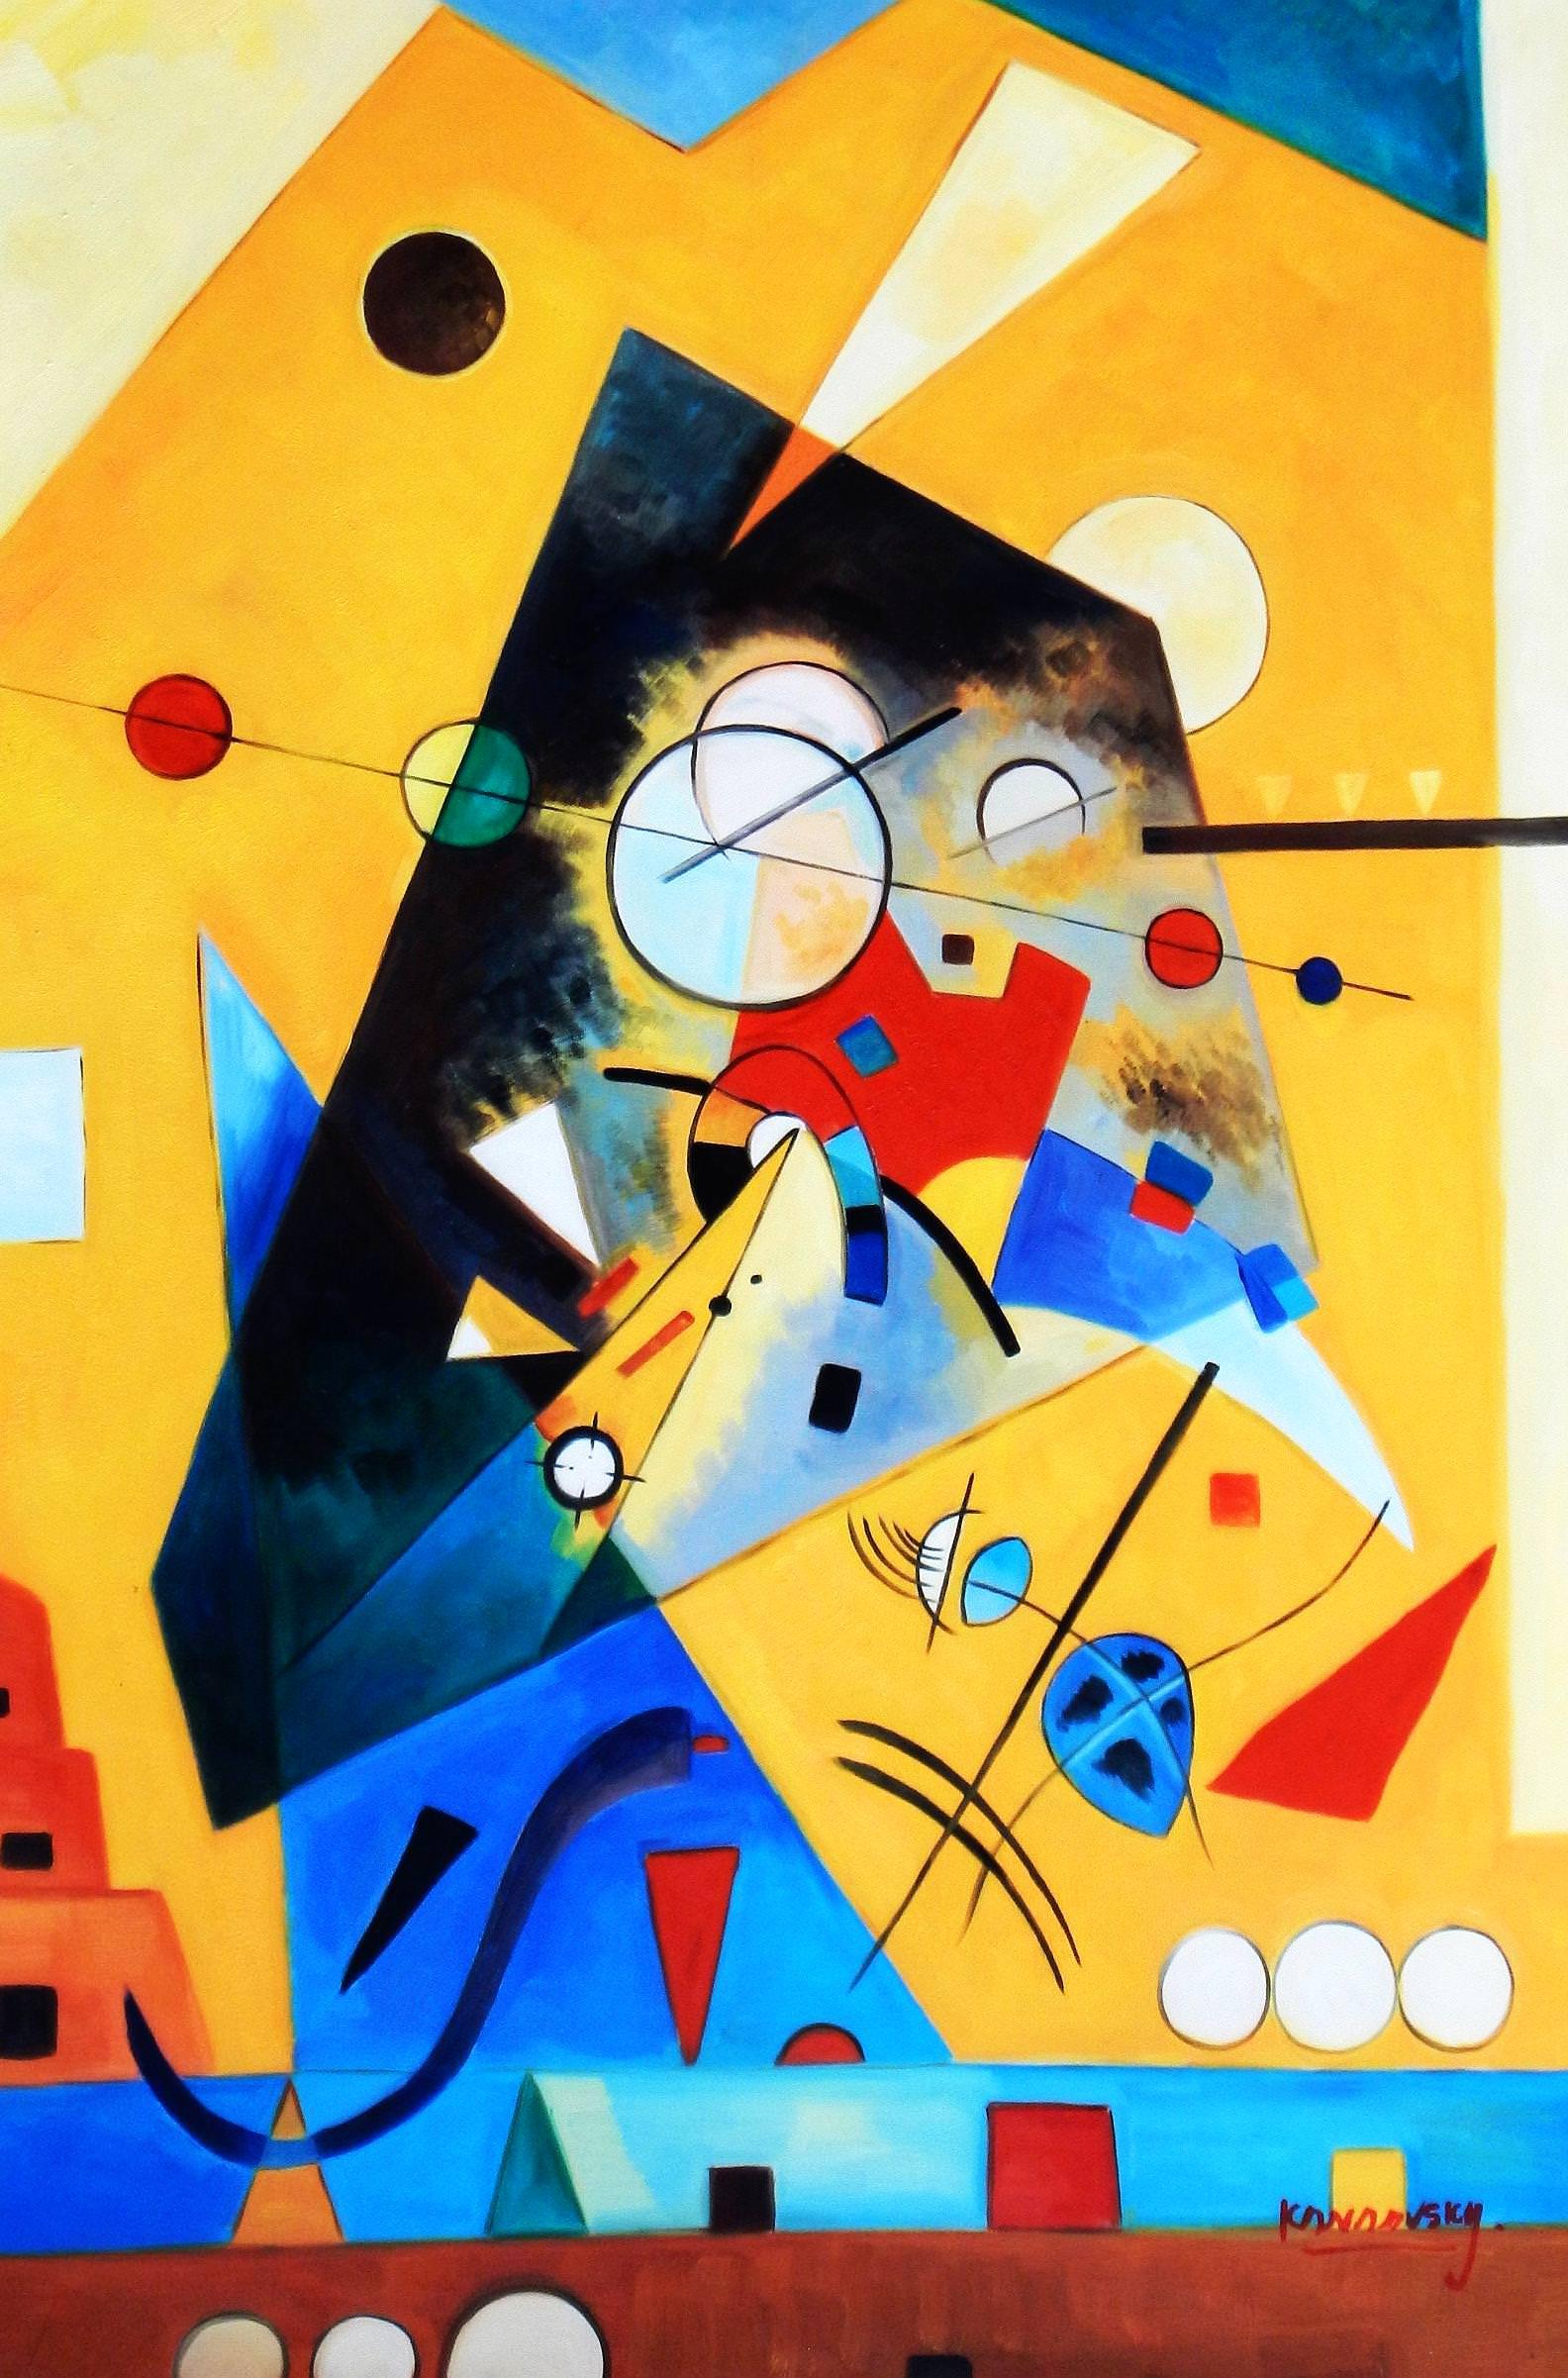 Wassily Kandinsky - Harmonie tranquille d93965 60x90cm Ölbild handgemalt